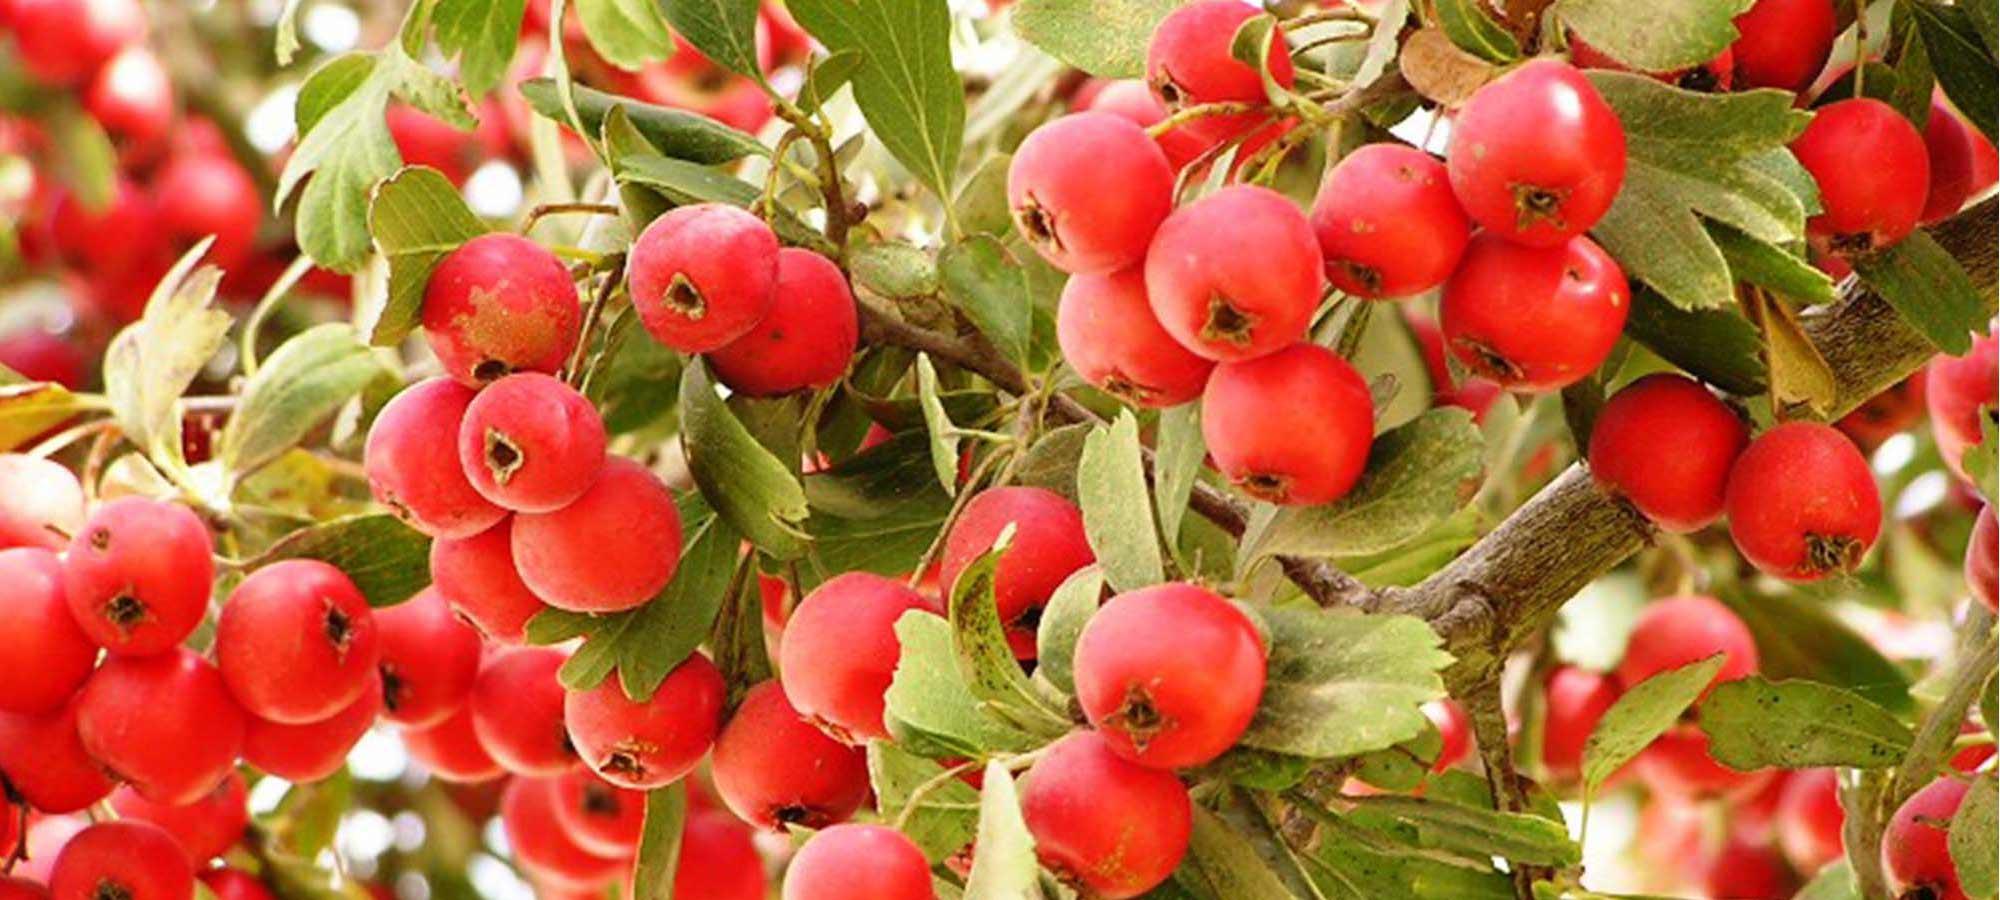 עצי פרי מיוחדים